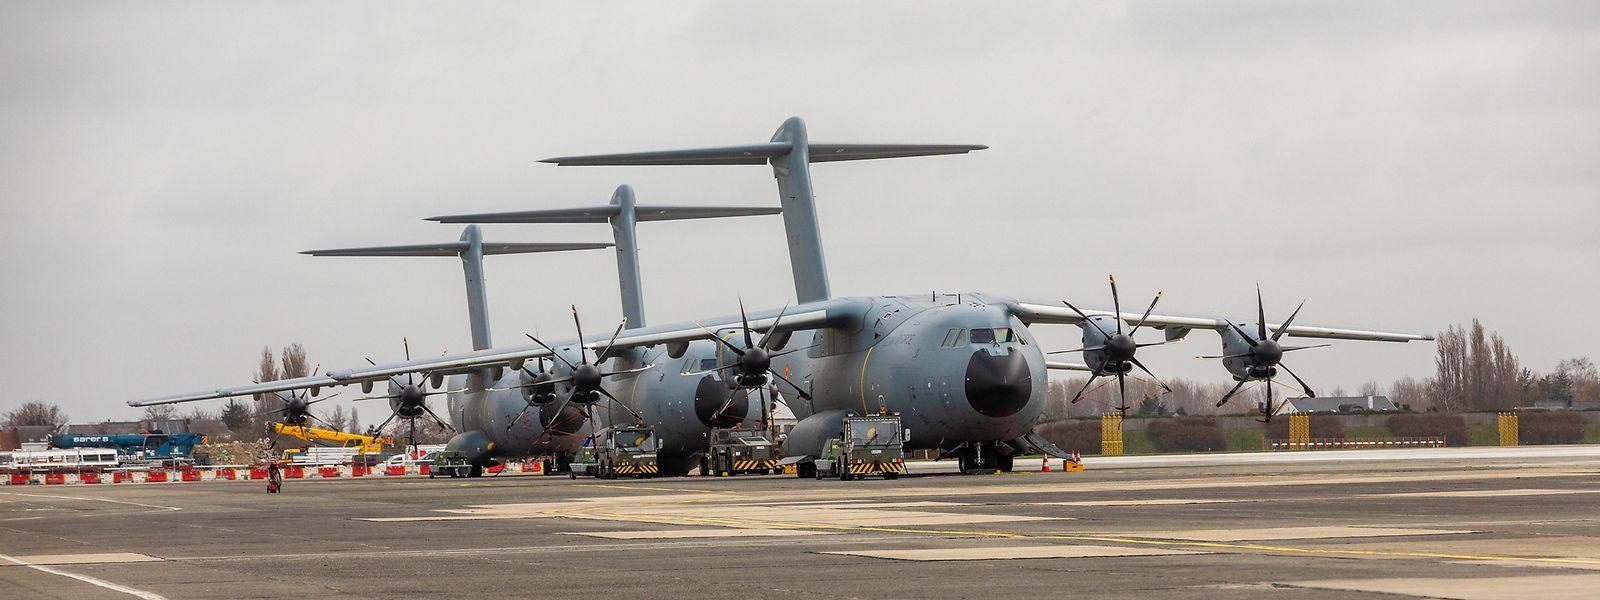 Trois autres avions devraient rejoindre la base de Melsbroek dans les mois à venir.